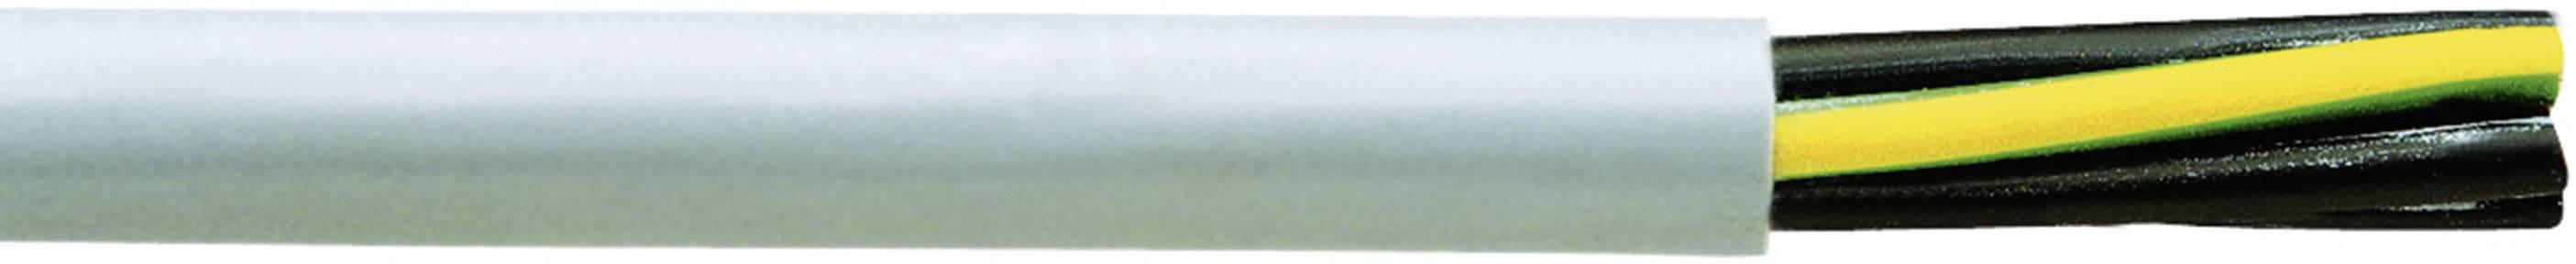 PVC Steuerkabel YSLY-JZ Querschnitt 7x0,5 qmm 100m Steuerleitung 0,55€//1m